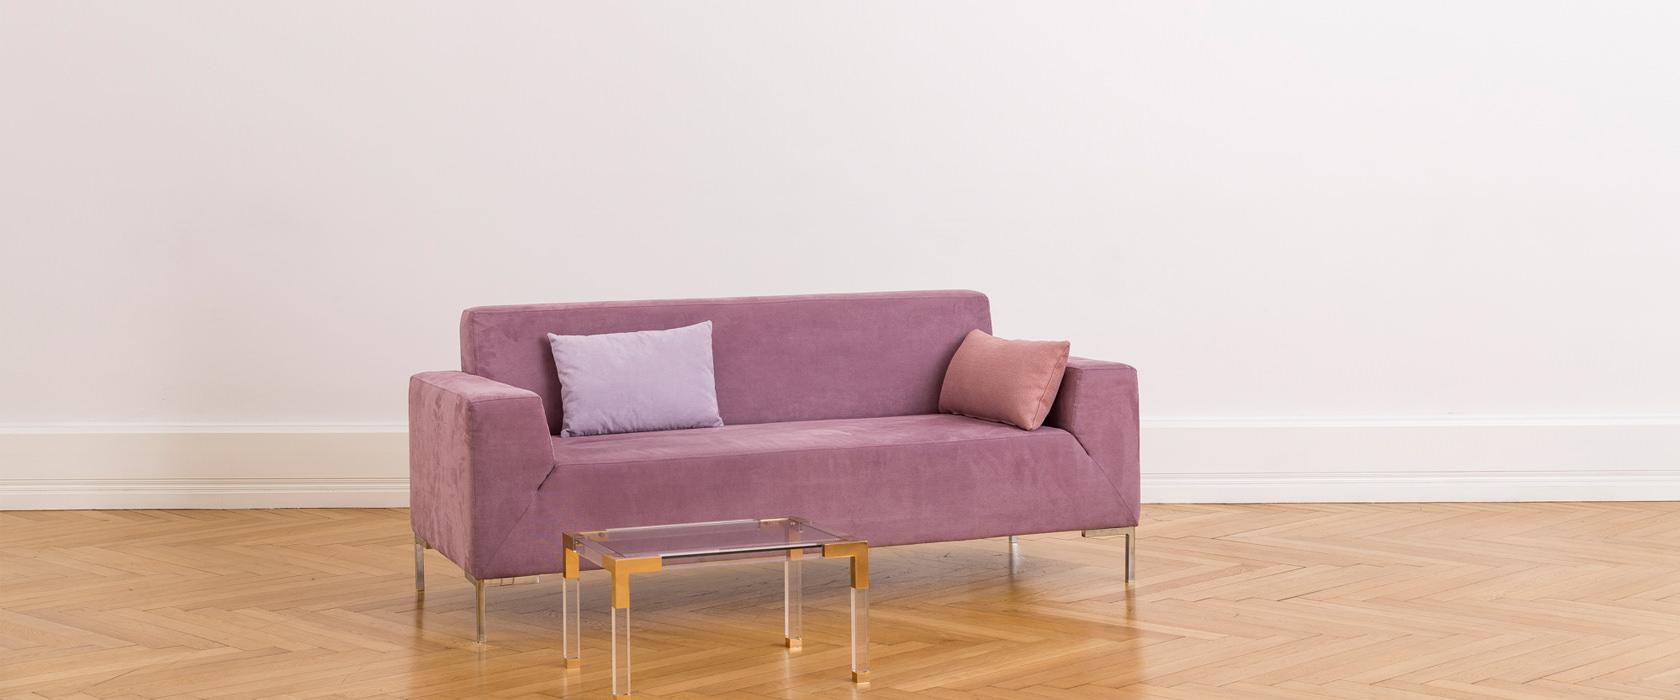 Трехместный диван Livorno Classic - Фото 2 - Pufetto